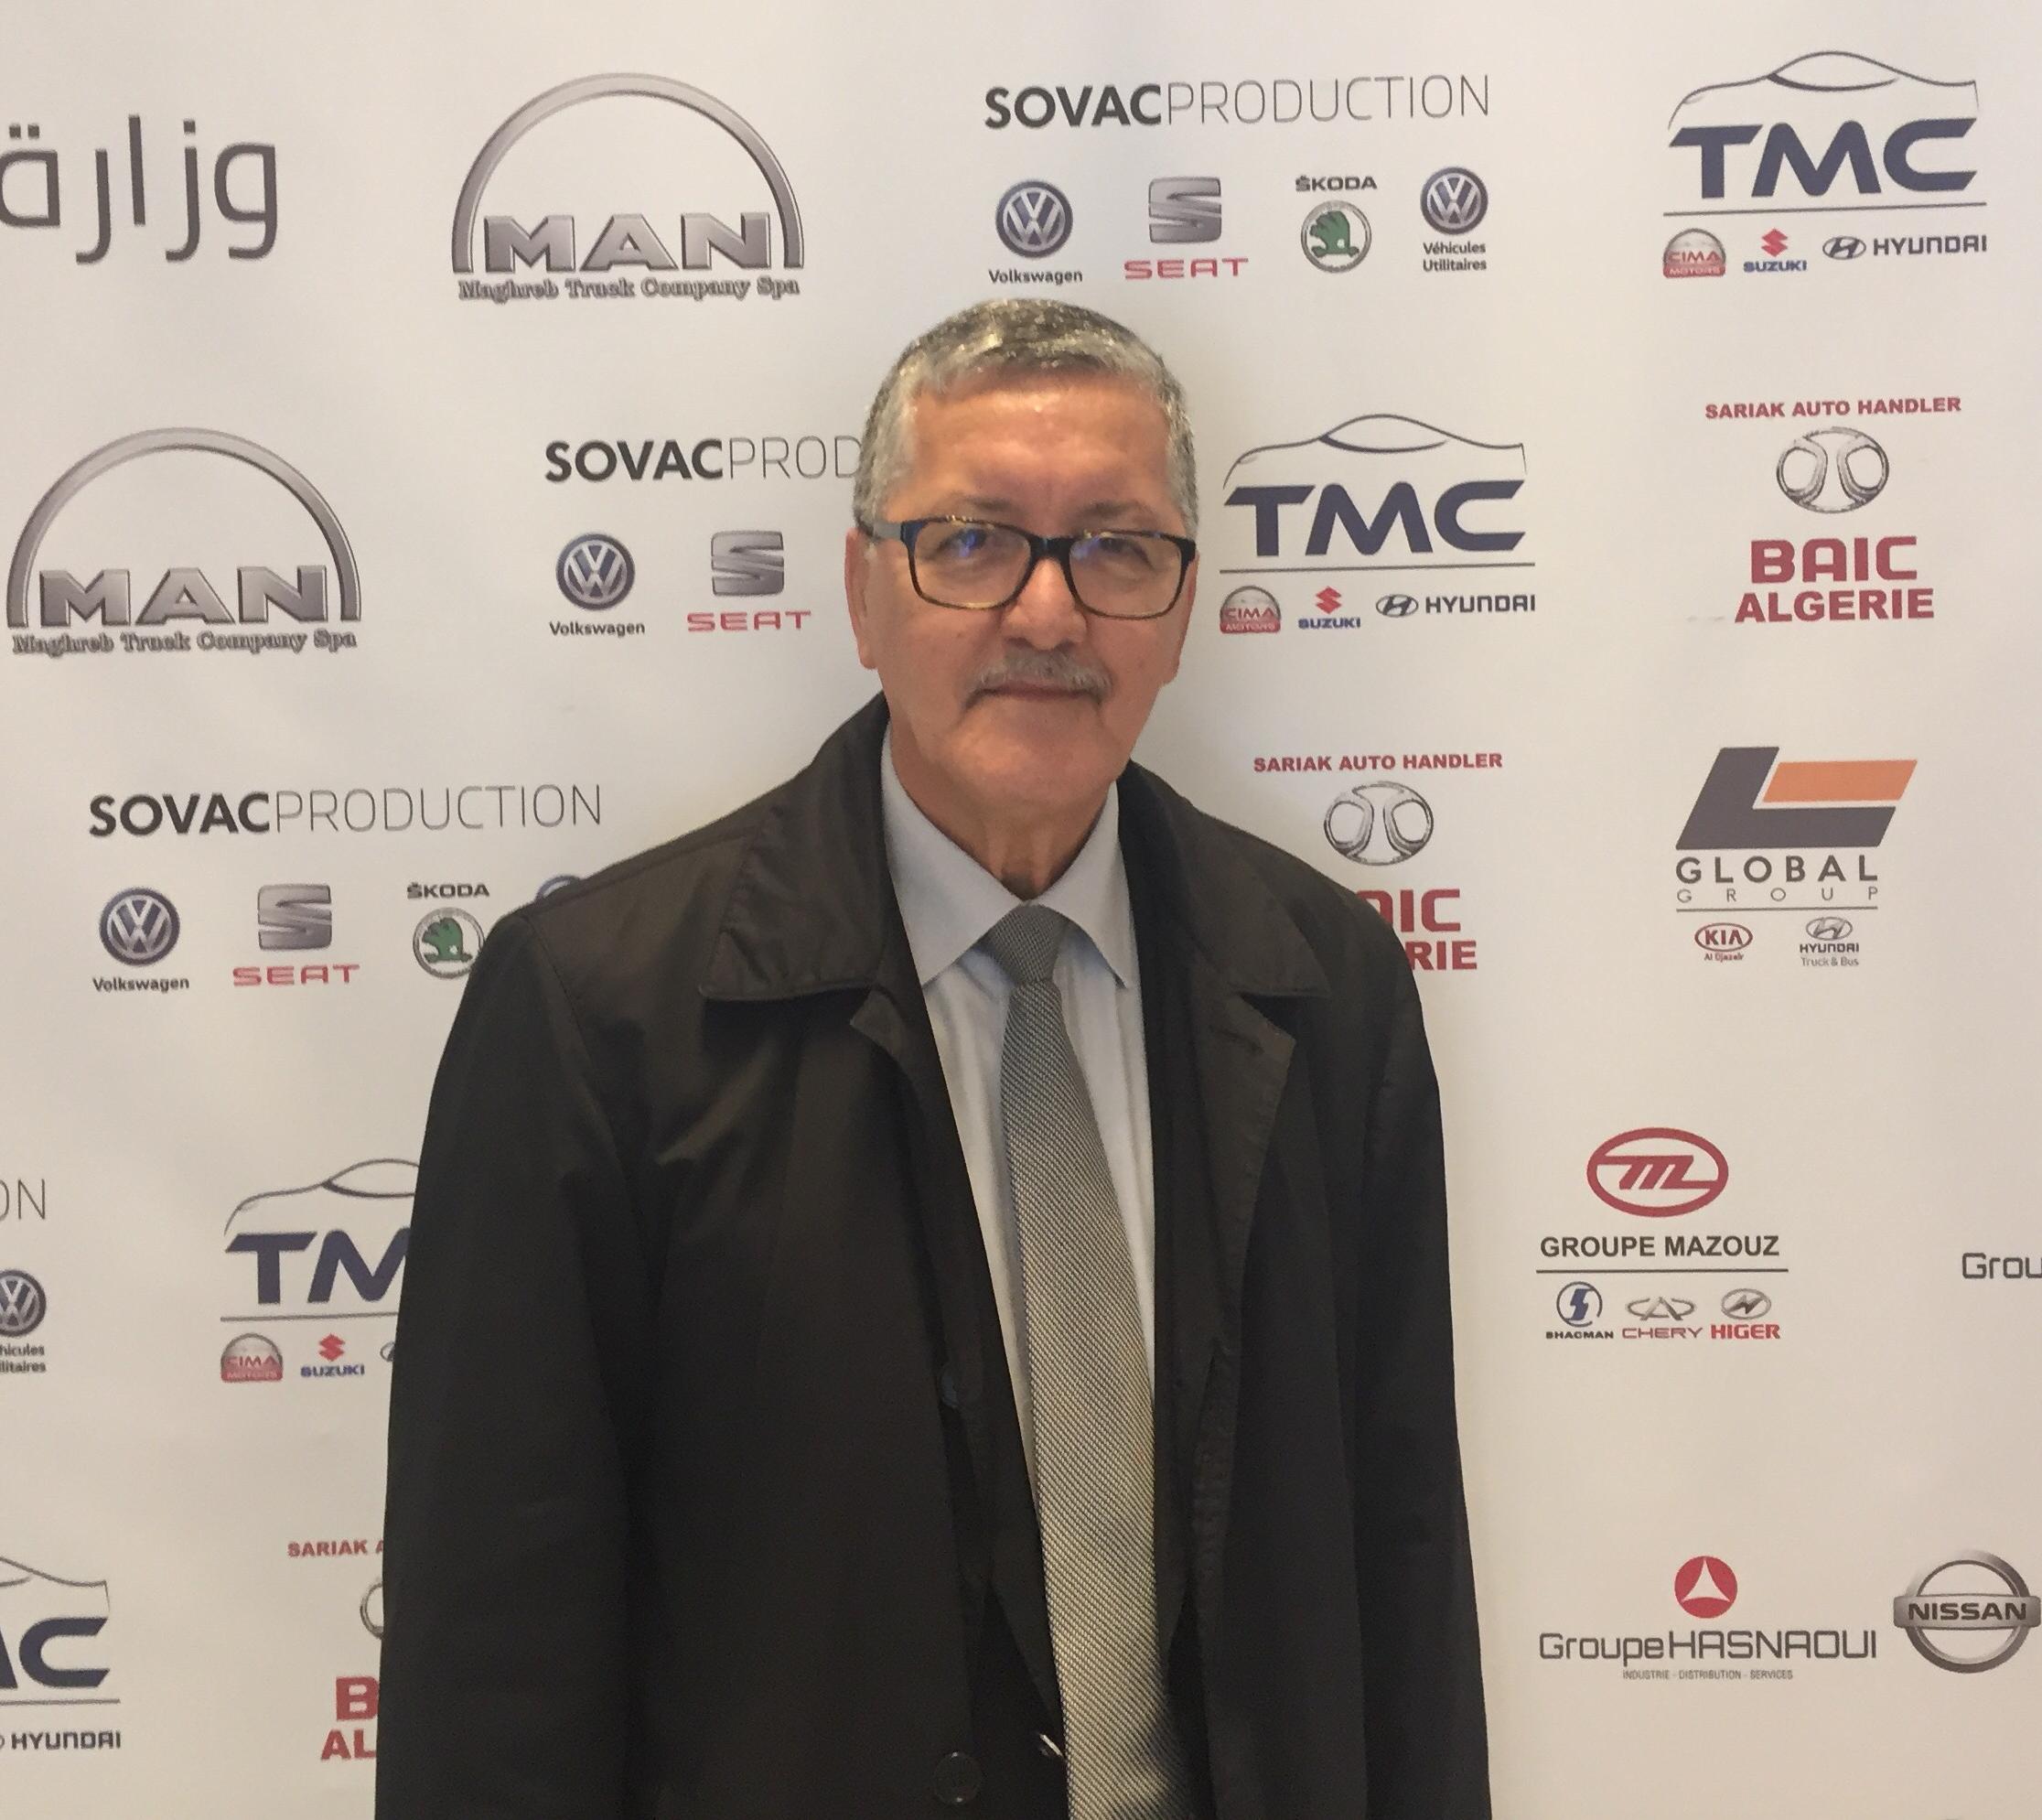 Mokhtar Chahboub, Chargé du développement industriel du groupe Tahkout (TMC)